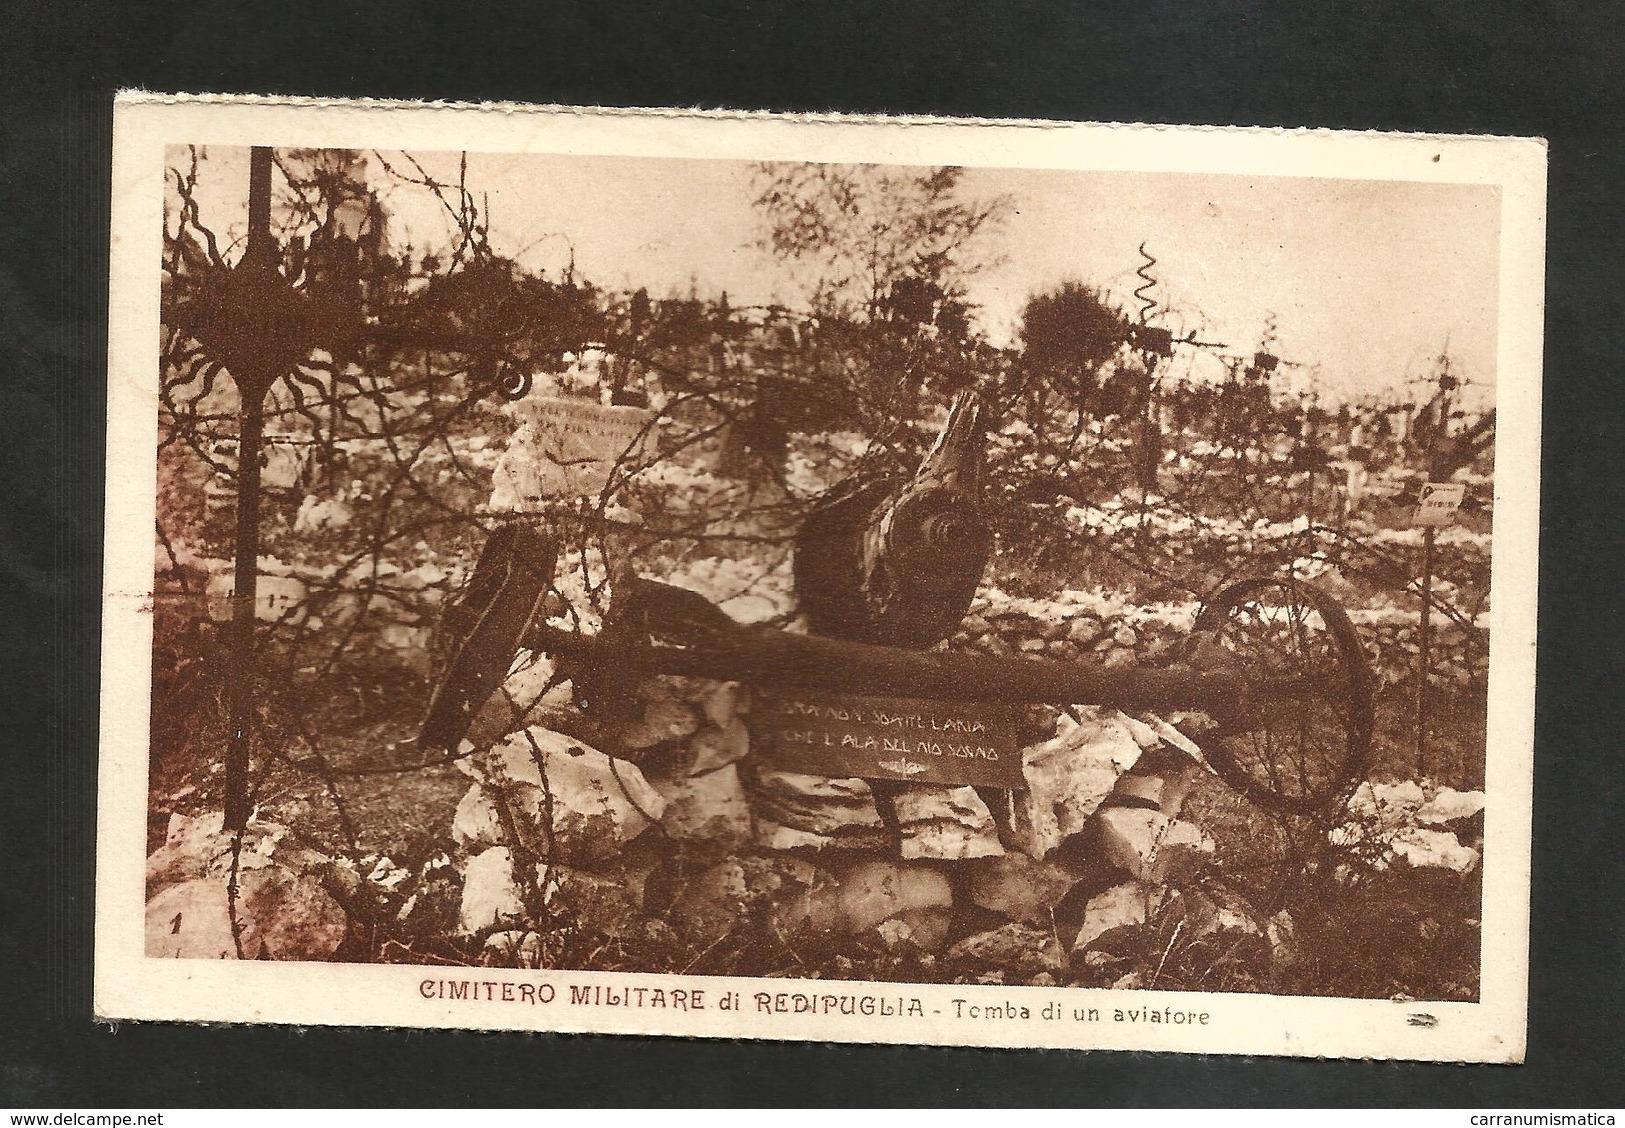 LOTTO Di 3 CARTOLINE - CIMITERO MILITARE REDIPUGLIA (Non Viaggiate) - Cimiteri Militari